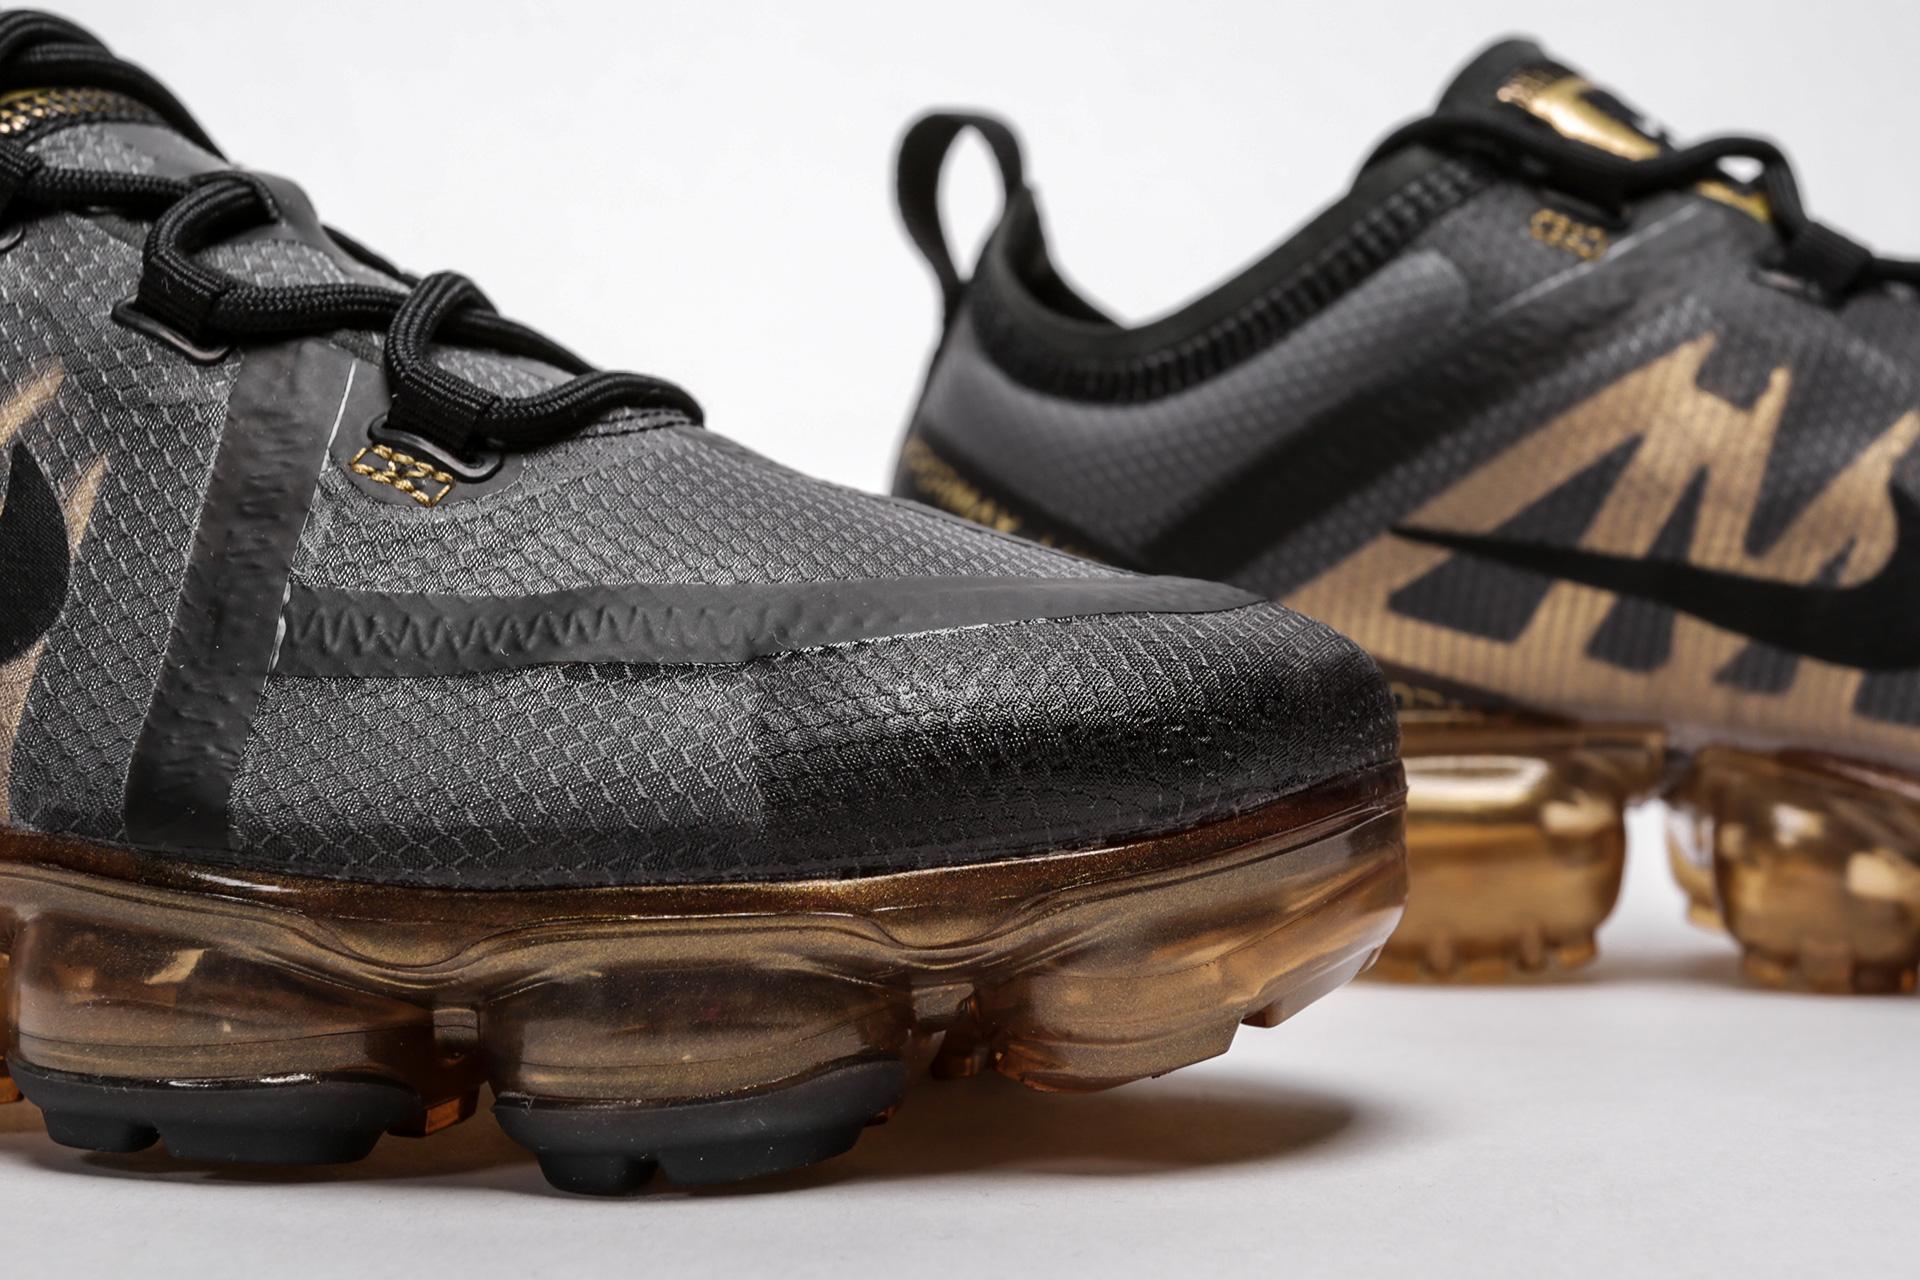 1a11a91c ... Купить мужские черные кроссовки Nike Air Vapormax 2019 - фото 5  картинки ...